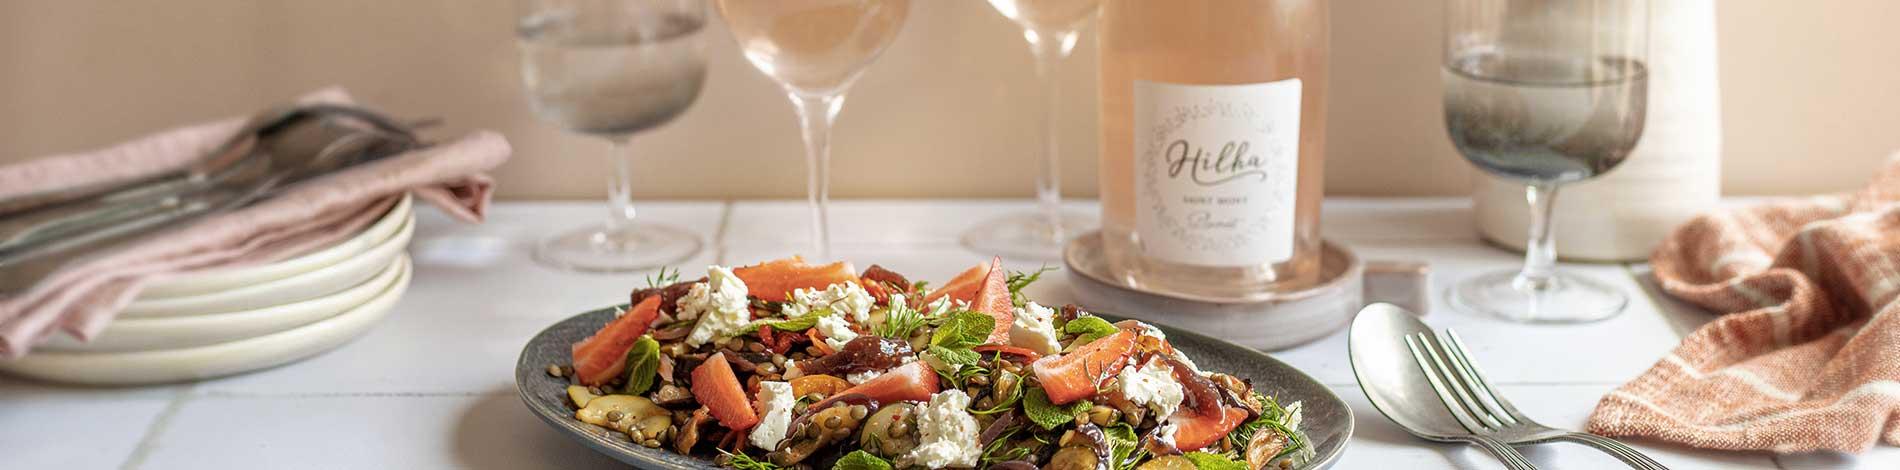 Accords mets et vin rosé et salade